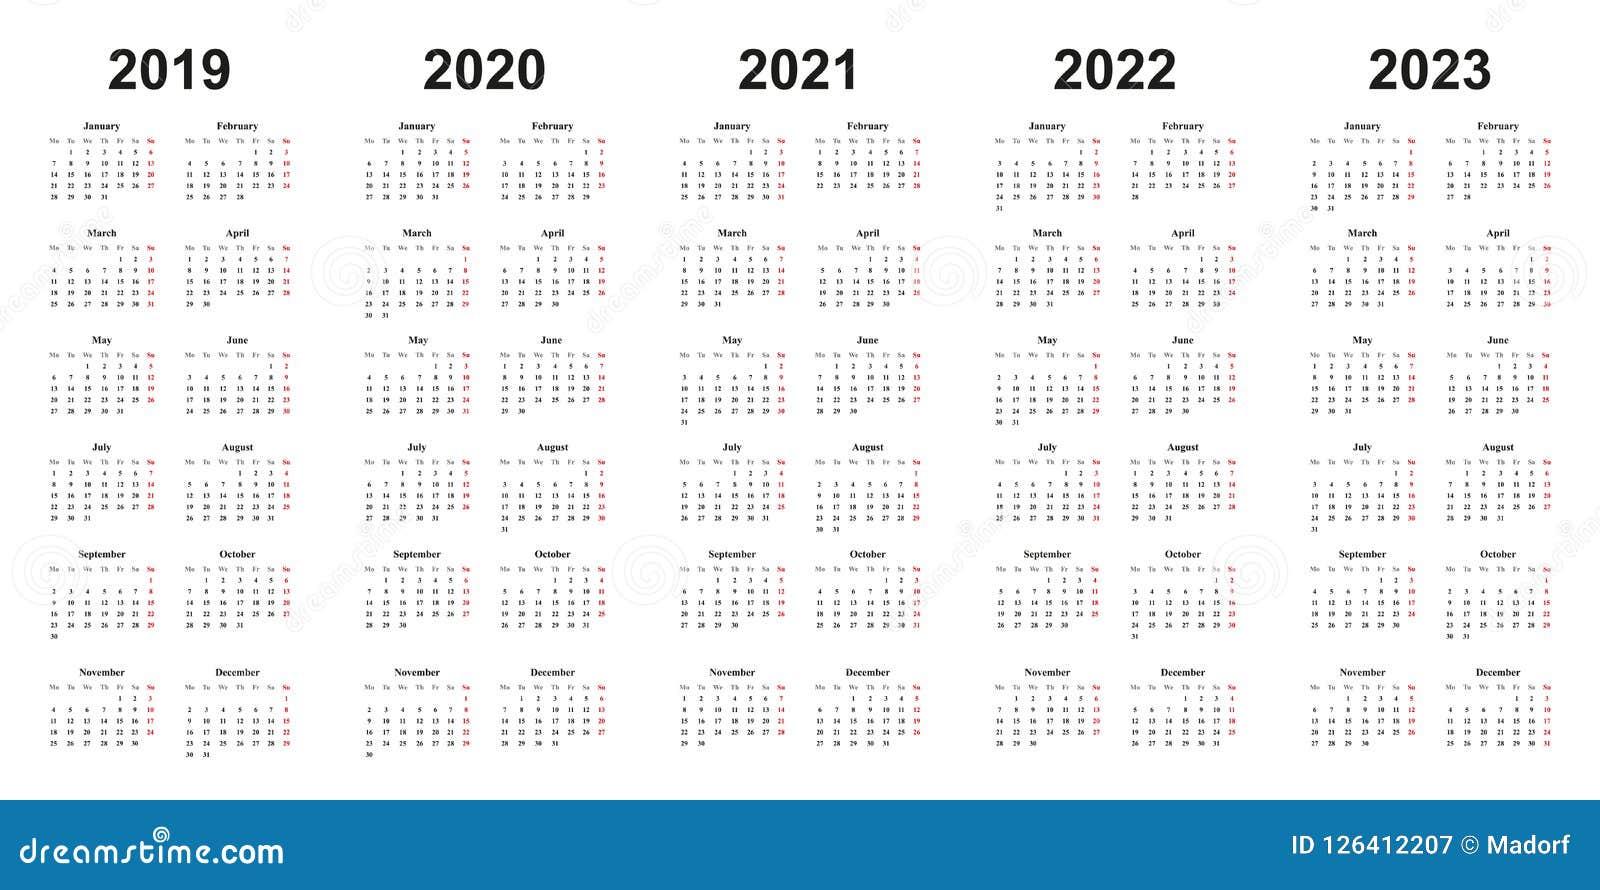 Calendario Di Progettazione Semplice Con Gli Anni 2019, 2020, 2021